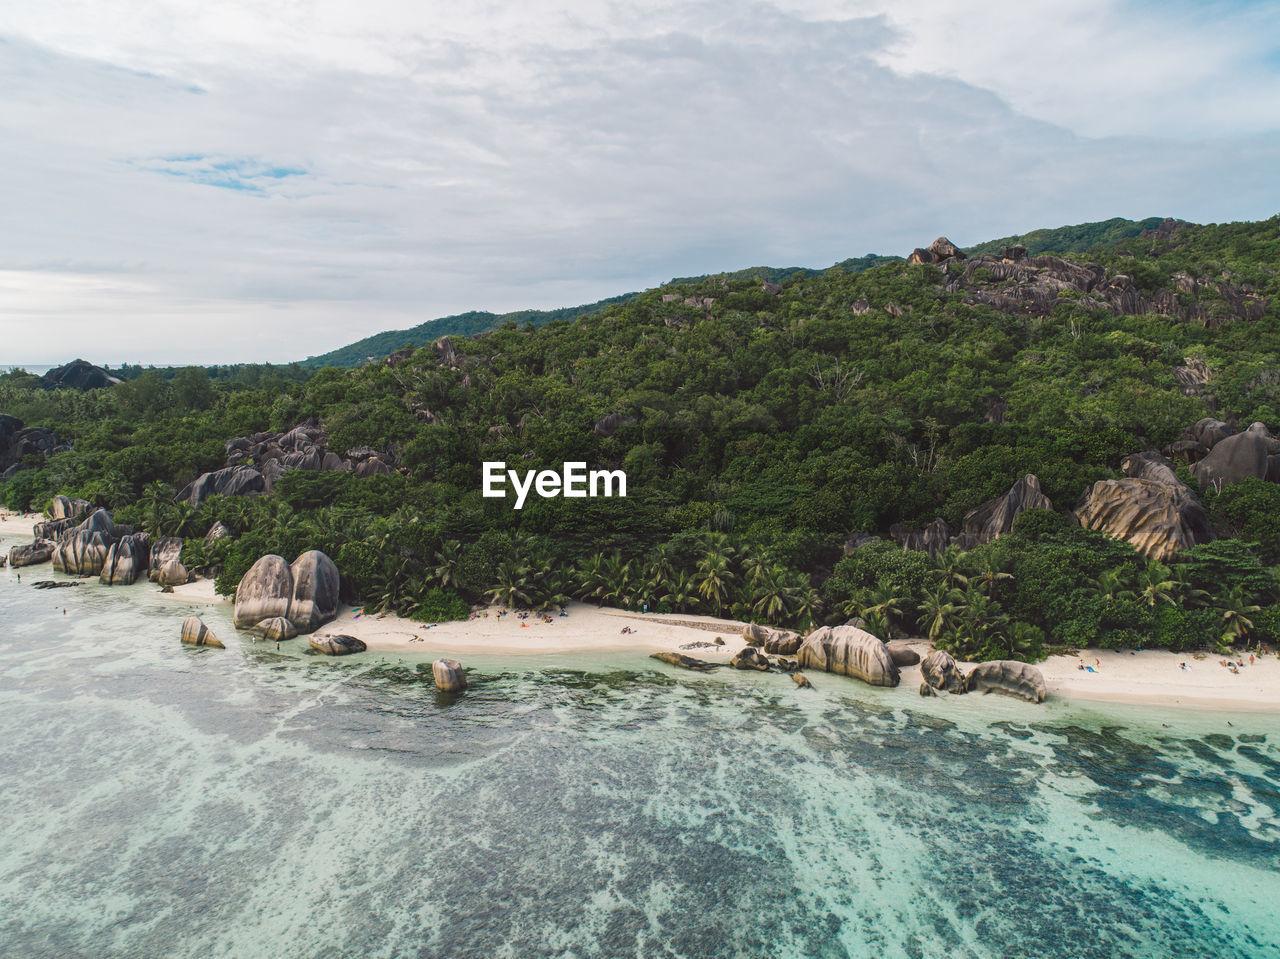 Photo taken in La Réunion, Seychelles